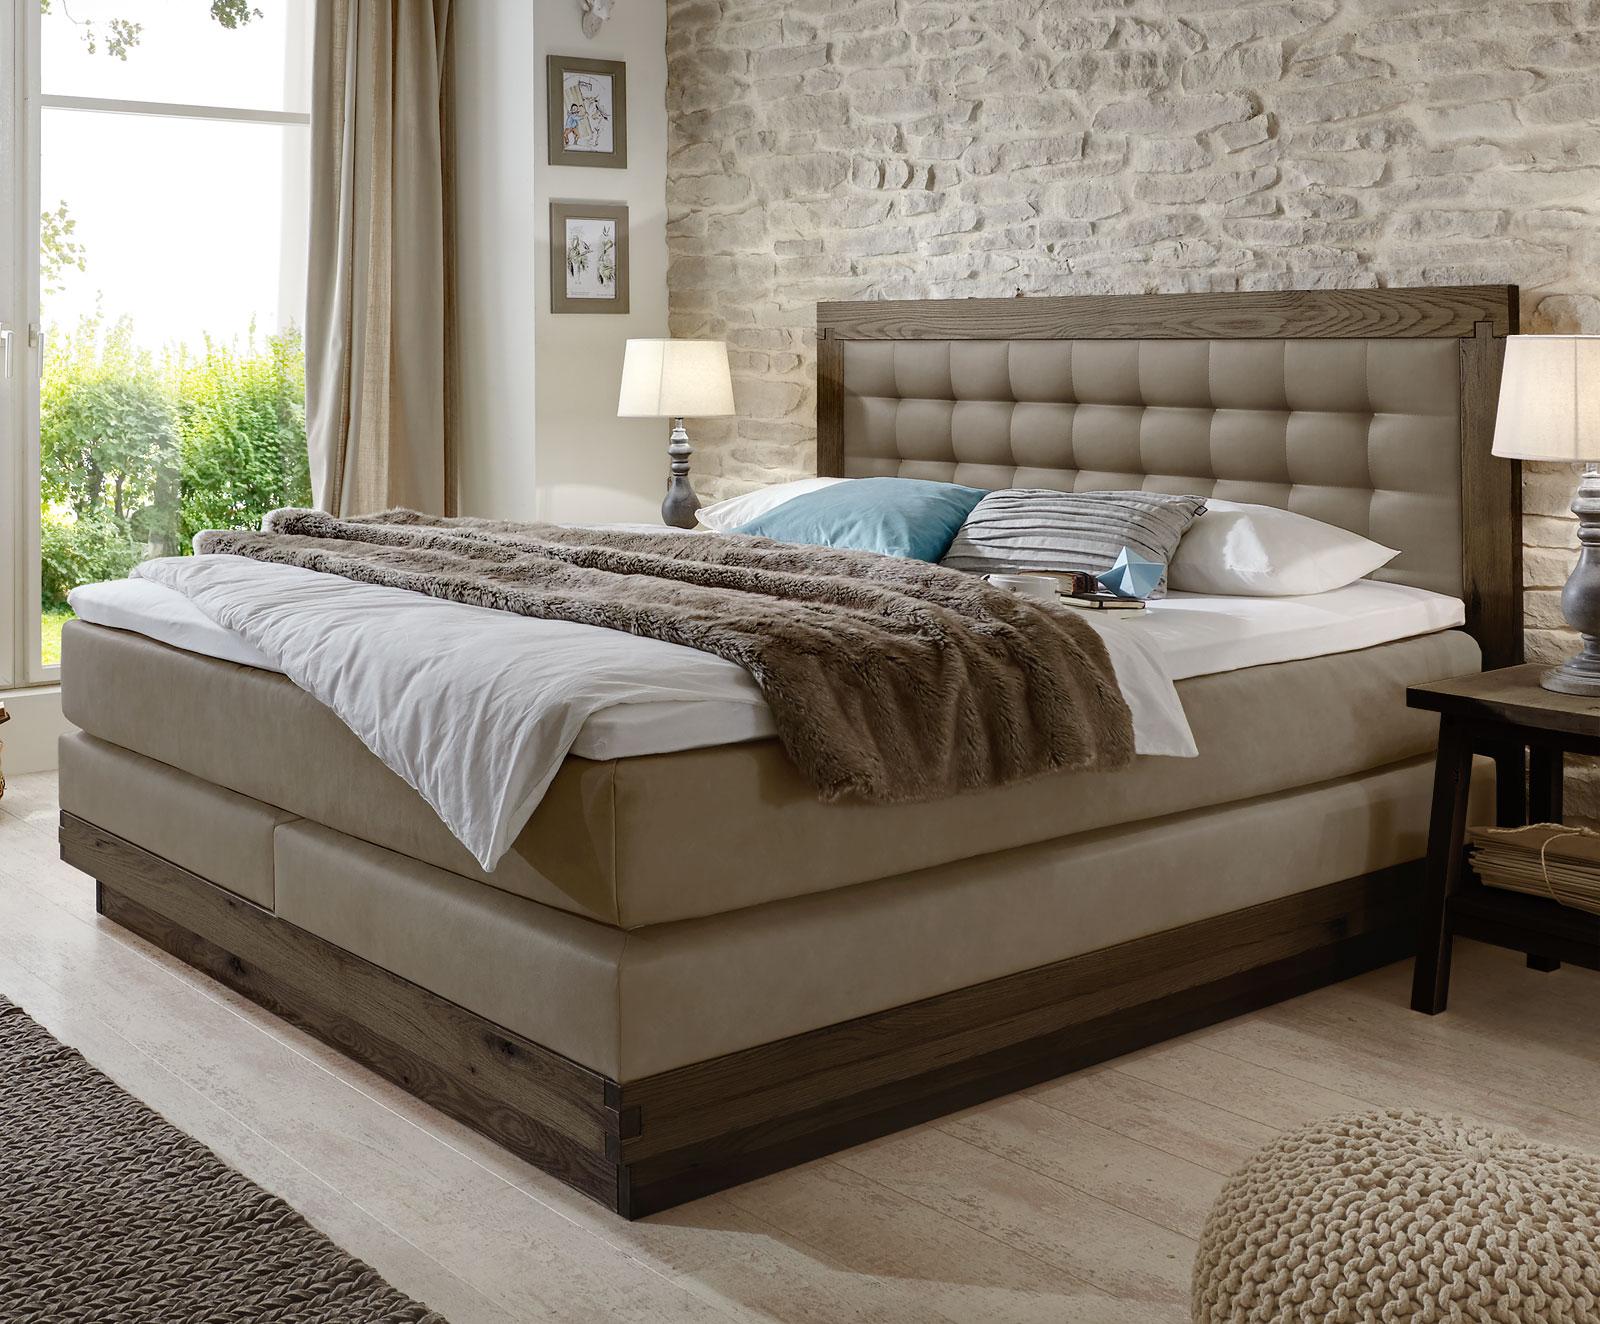 Schlafzimmer betten 200x200